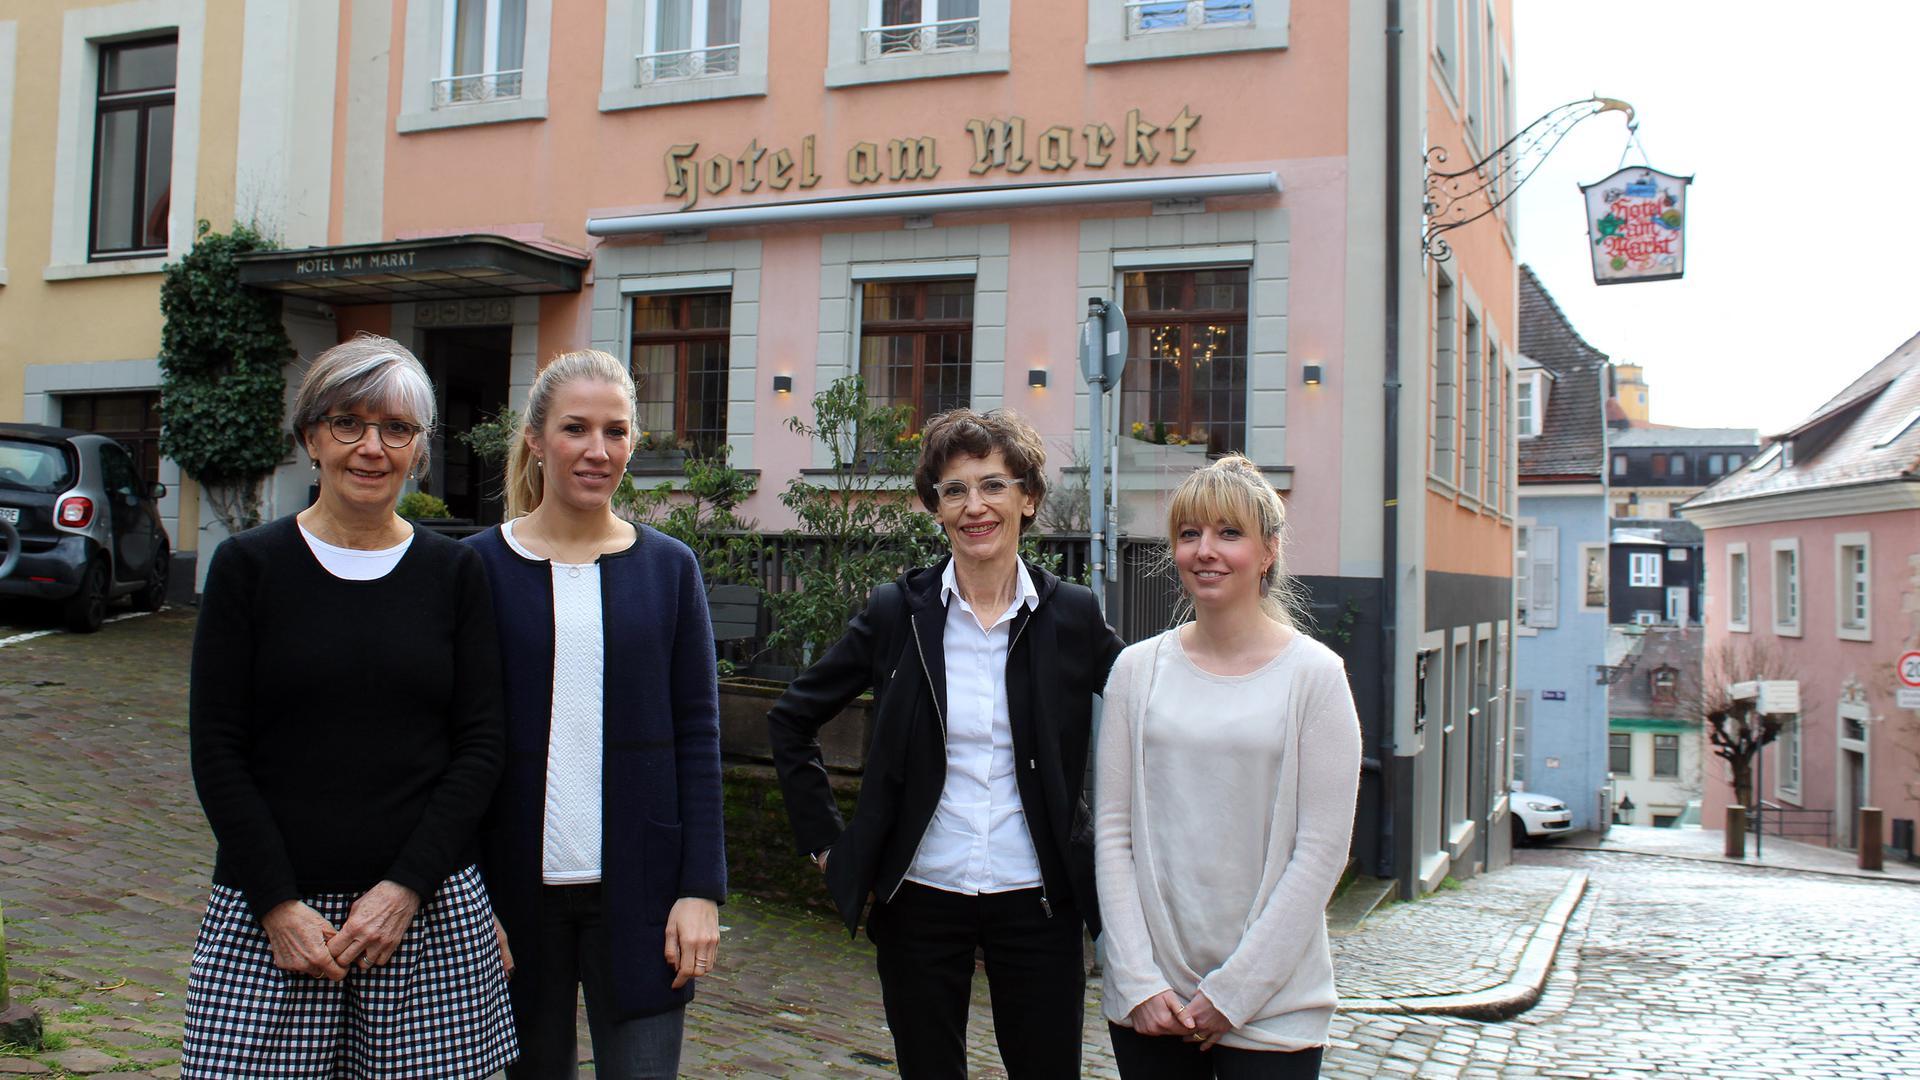 """Stolz auf 70 Jahre """"Hotel am Markt"""": Andrea Bogner-Schindler (von links), Laura Bövers, Doris Jung und Lisa Baum sehnen sich nach einer Öffnungsperspektive für ihr traditionsreiches Privathotel Garni."""